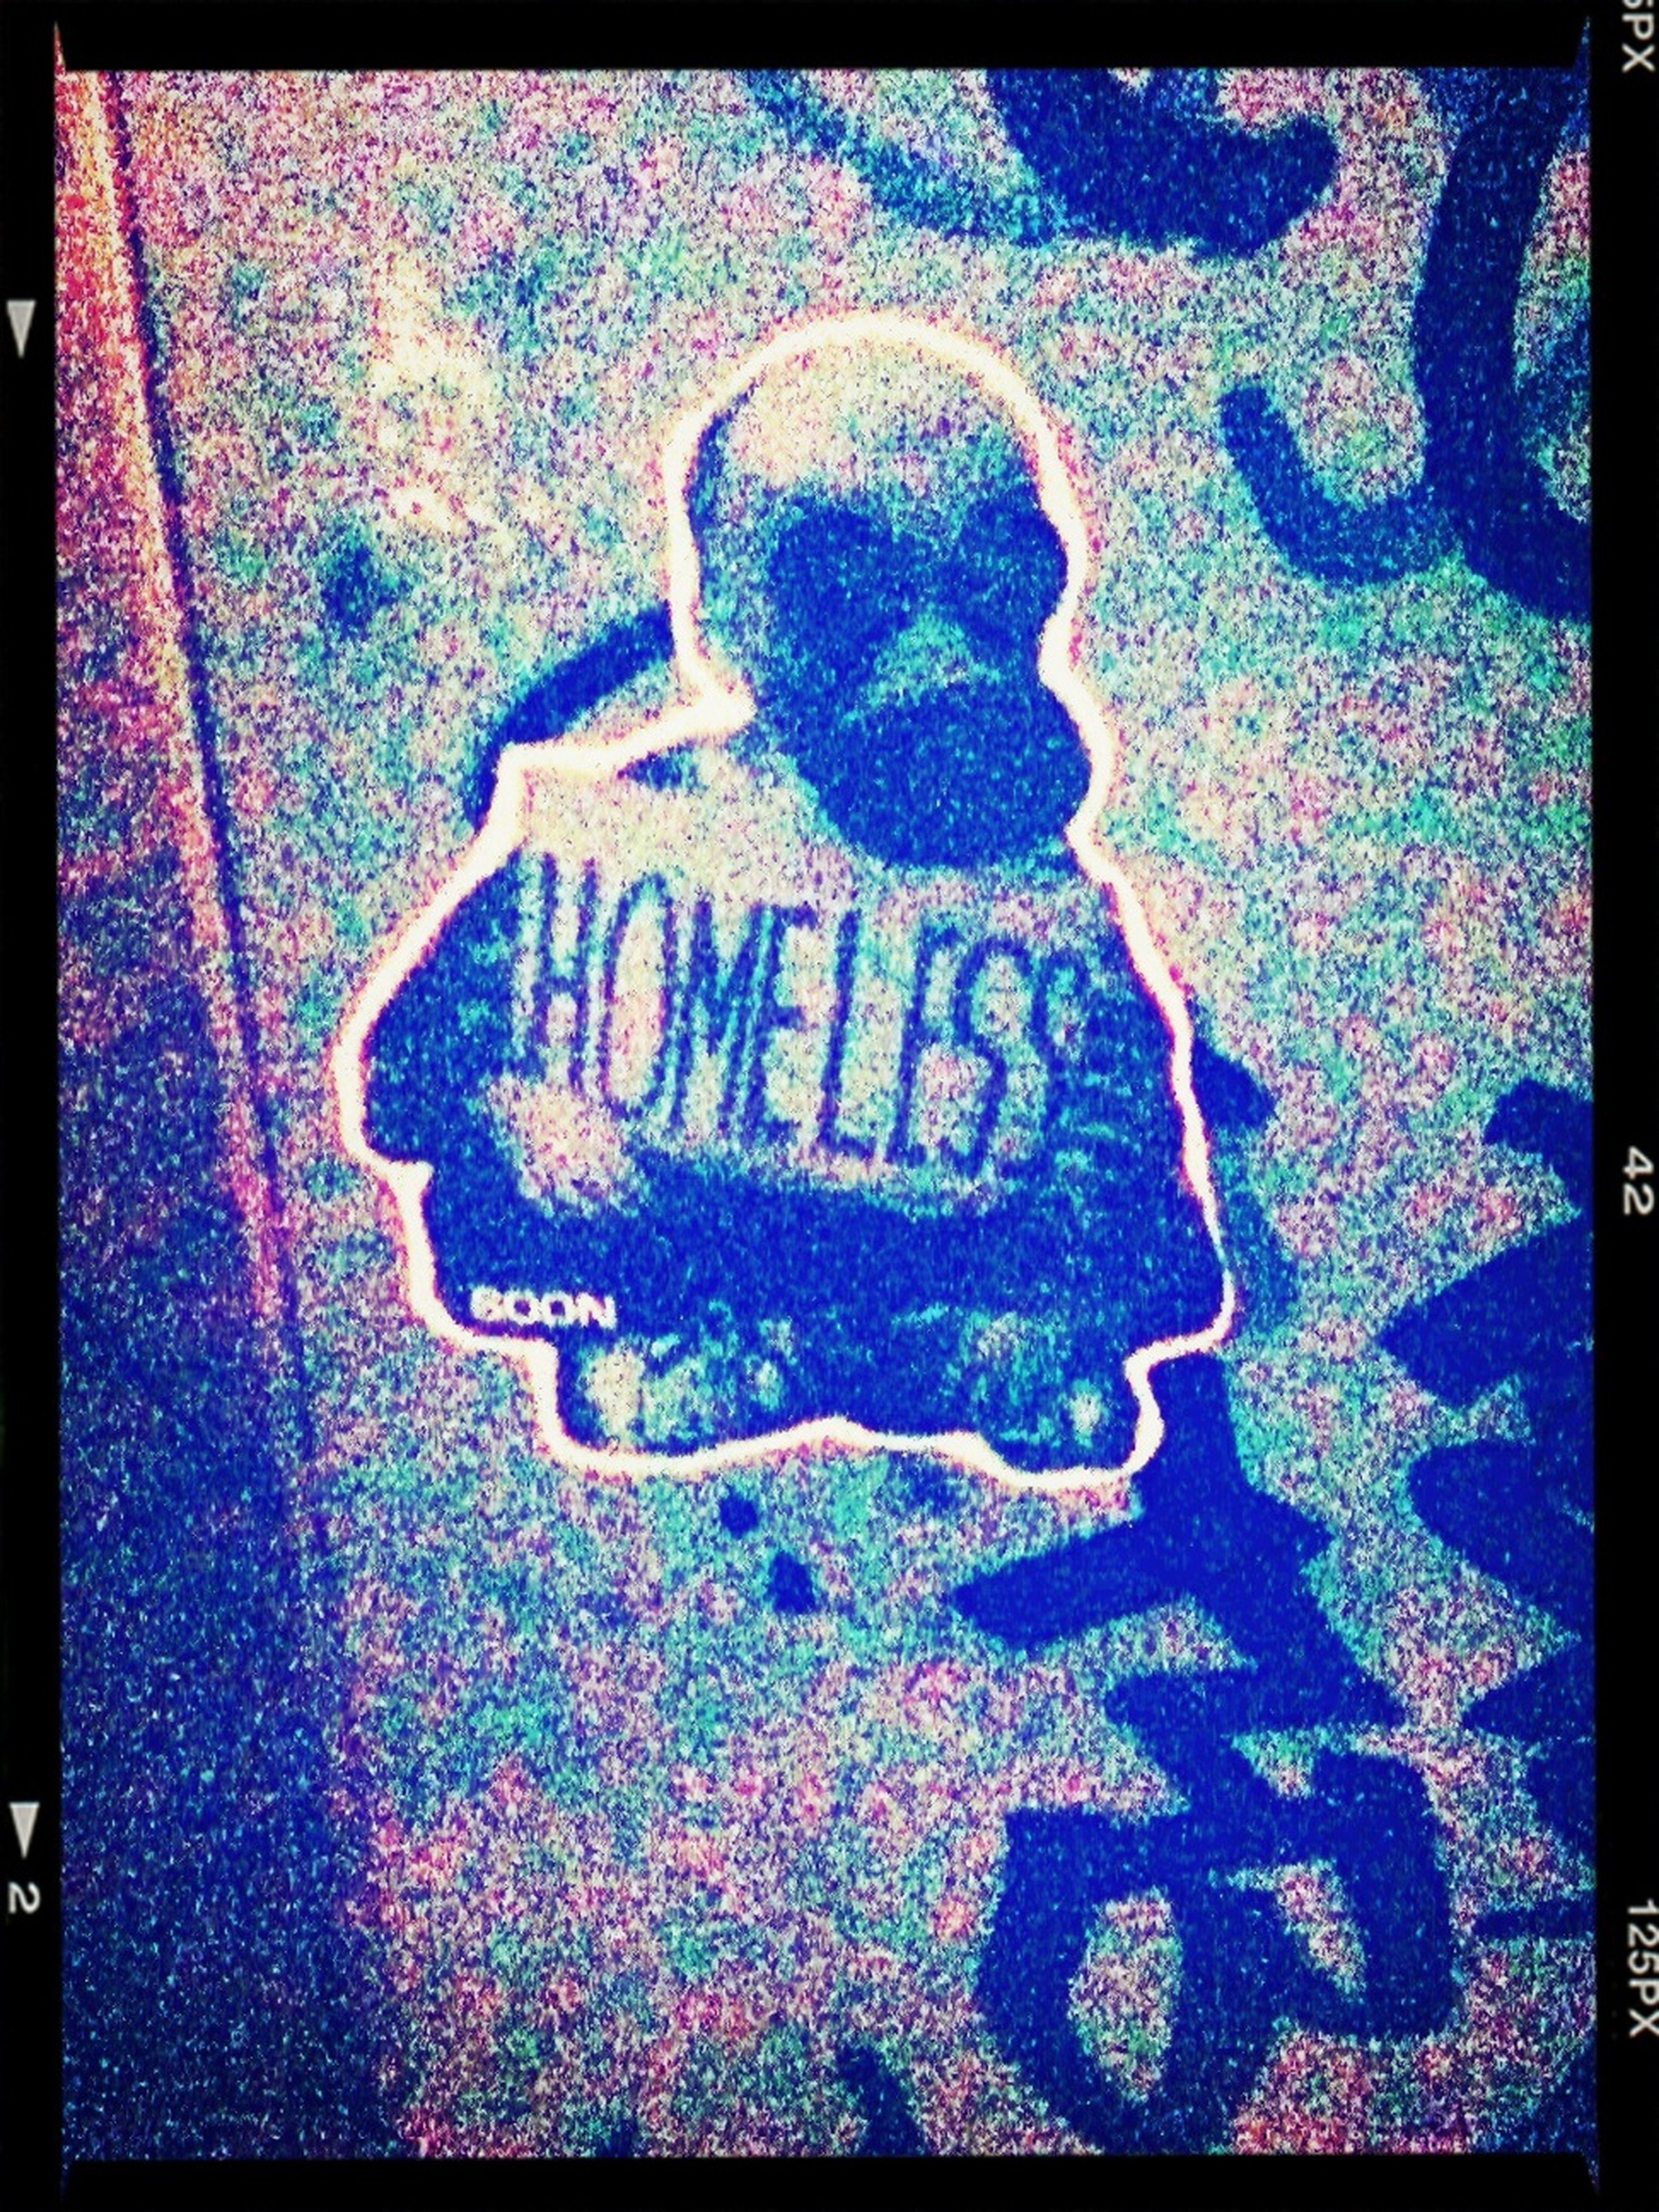 ‼️ Homeless ‼️   Sticker / Stickerart / Streetart / Berlin Streetart / Street Art @ Treptow Ringcenter